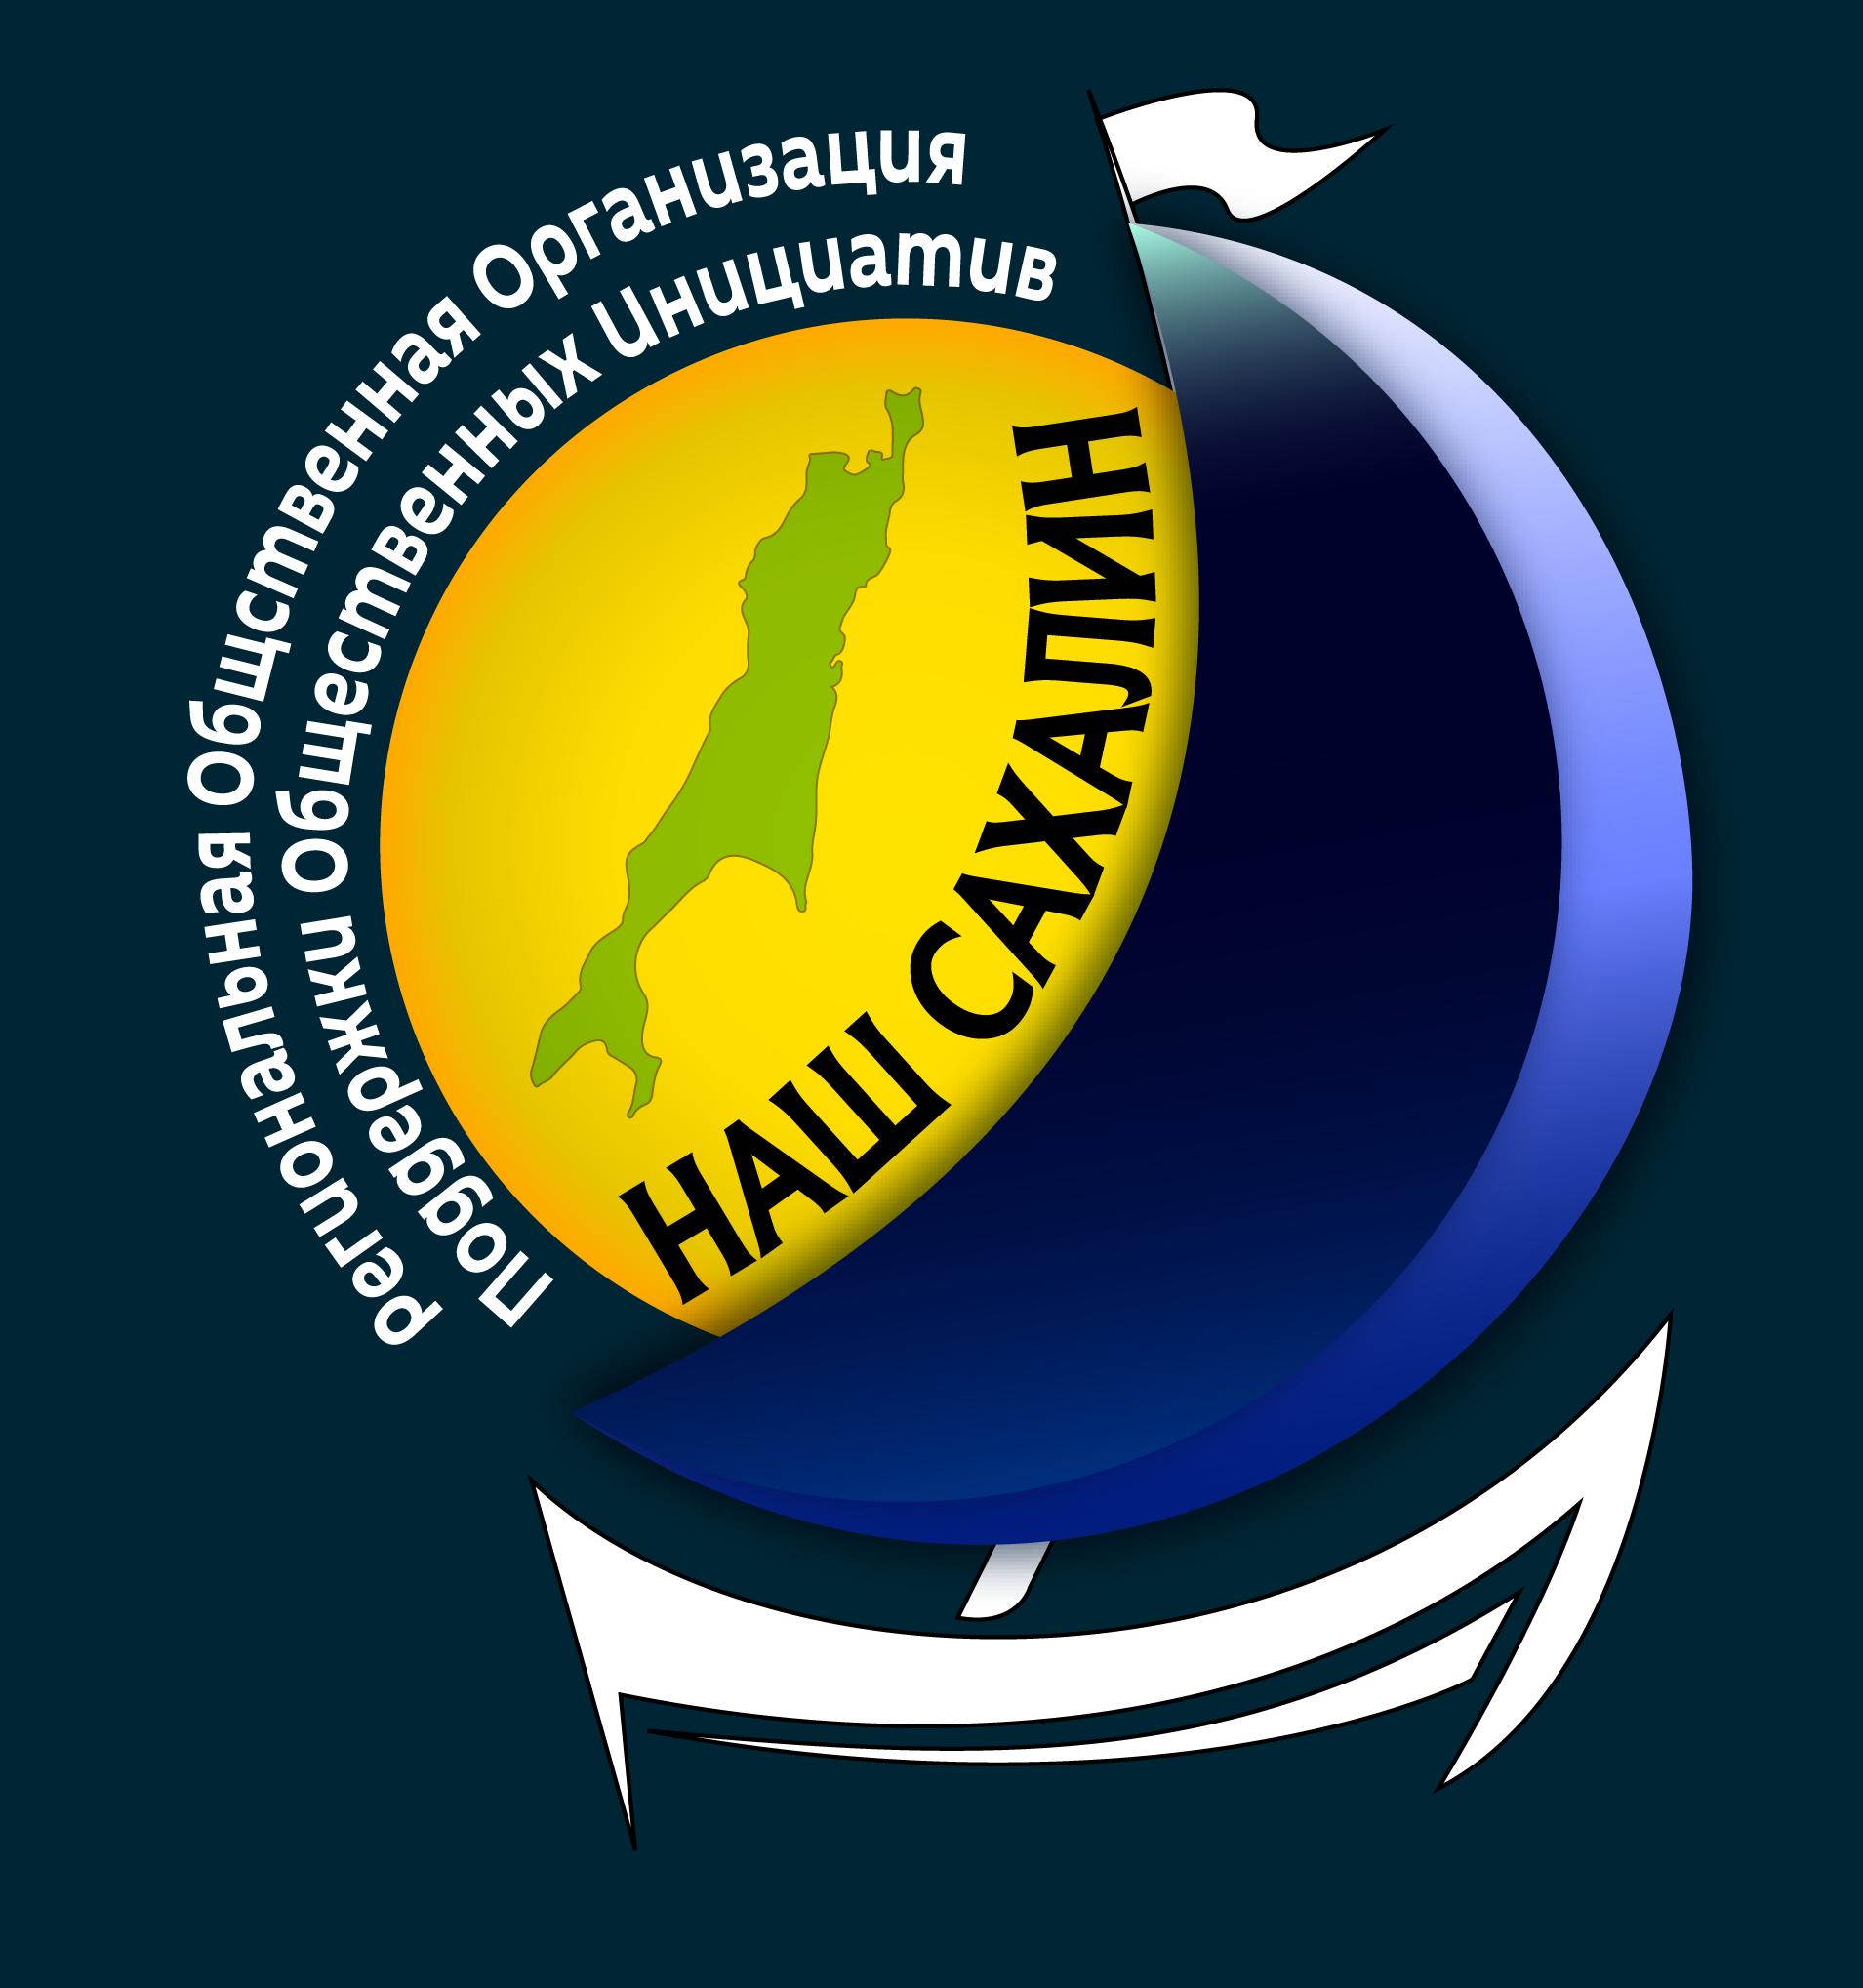 """Логотип для некоммерческой организации """"Наш Сахалин"""" фото f_8015a7c4fbb78910.png"""